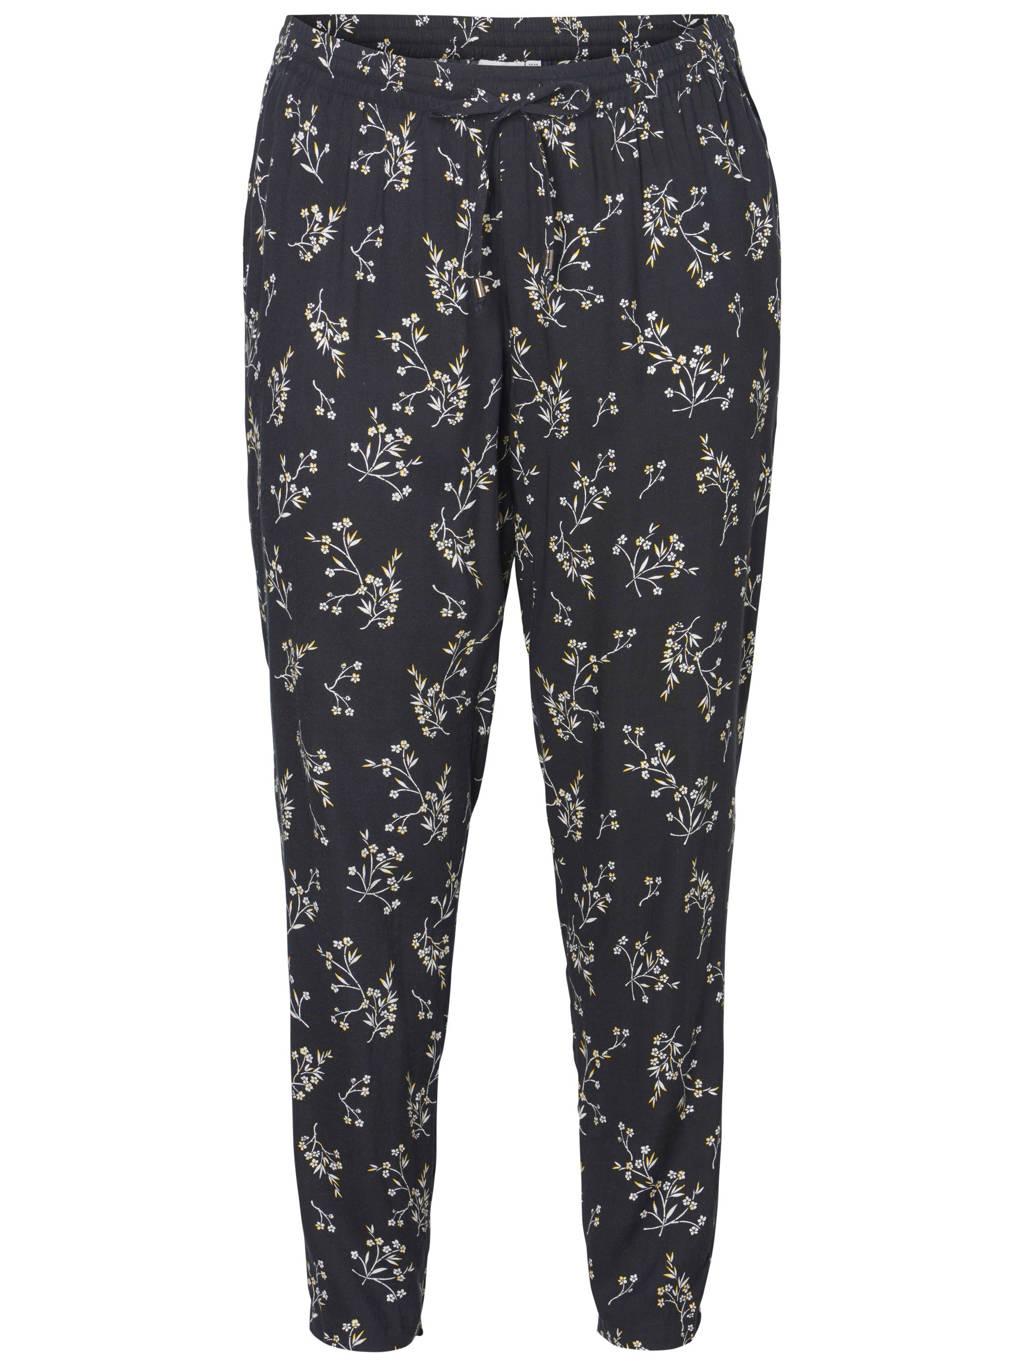 JUNAROSE broek met all-over print, Zwart/wit